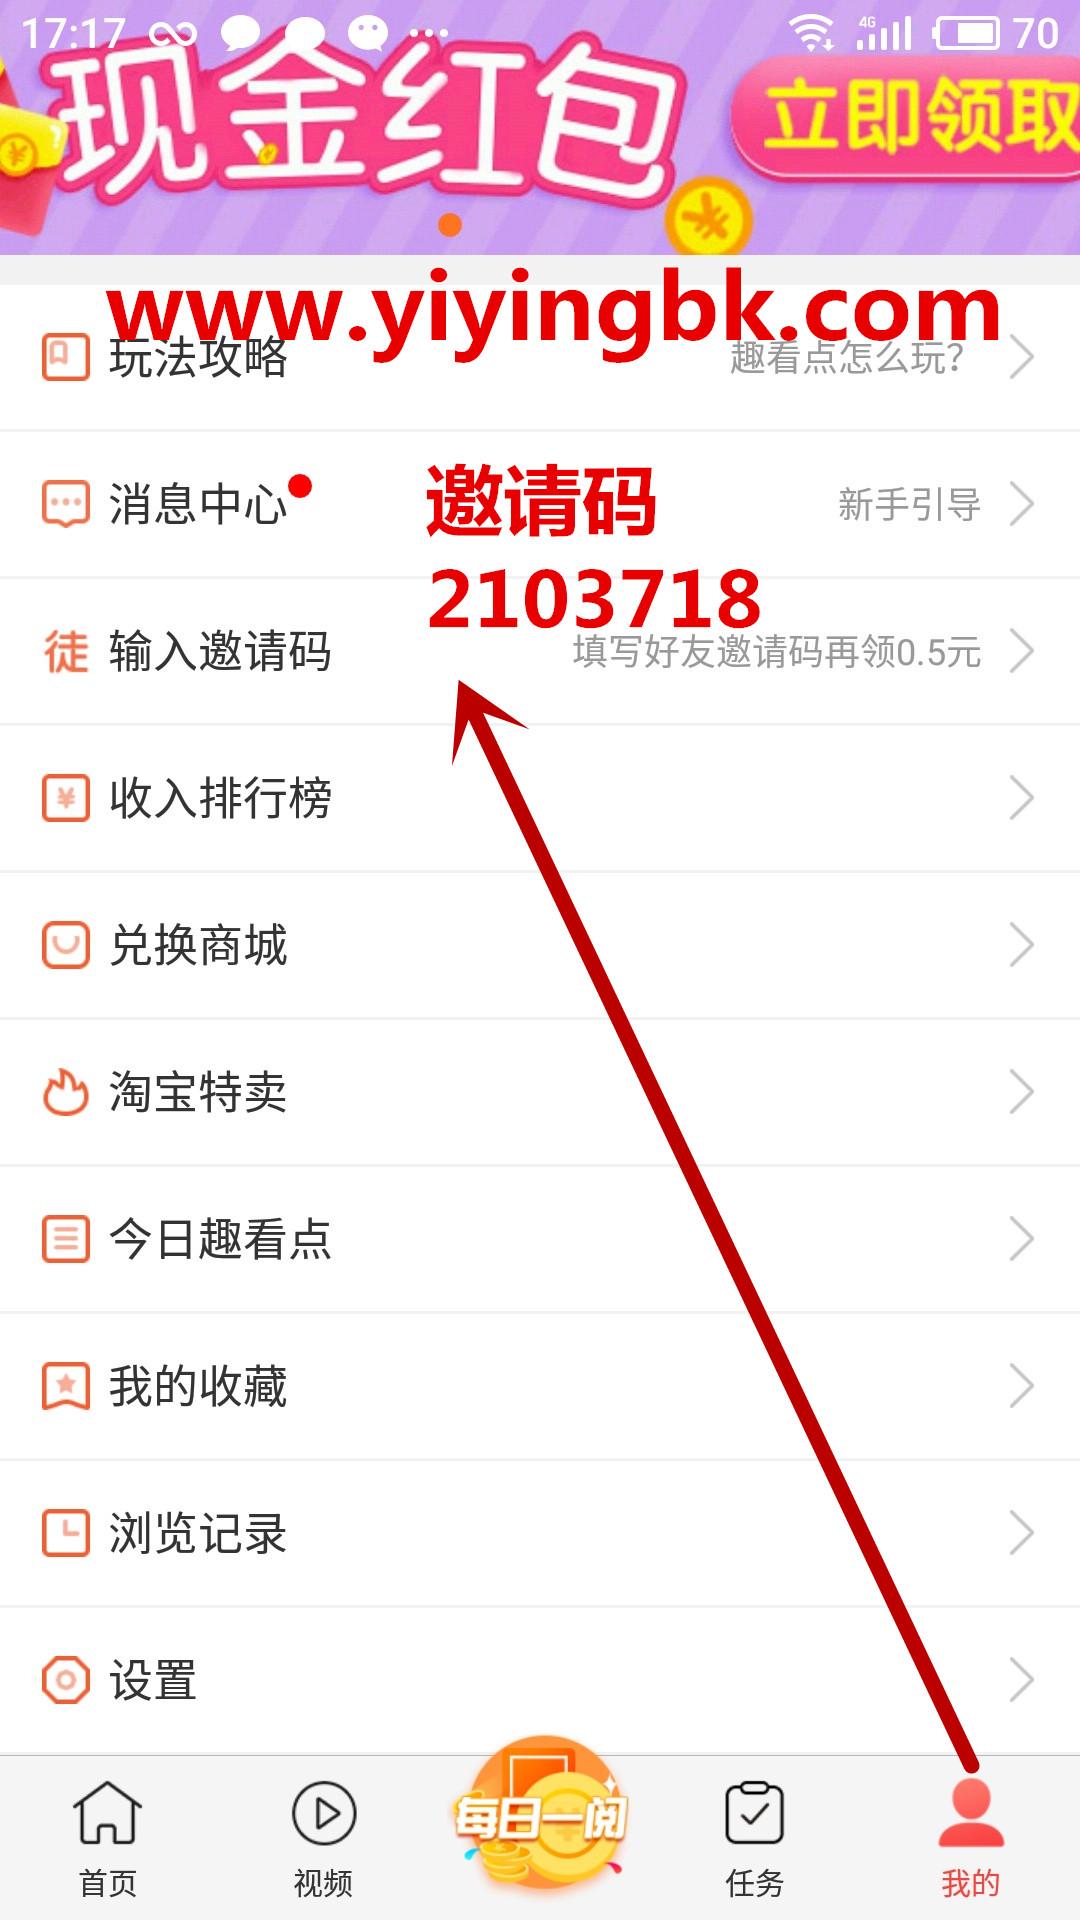 趣看点app填写邀请码2103718领取红包